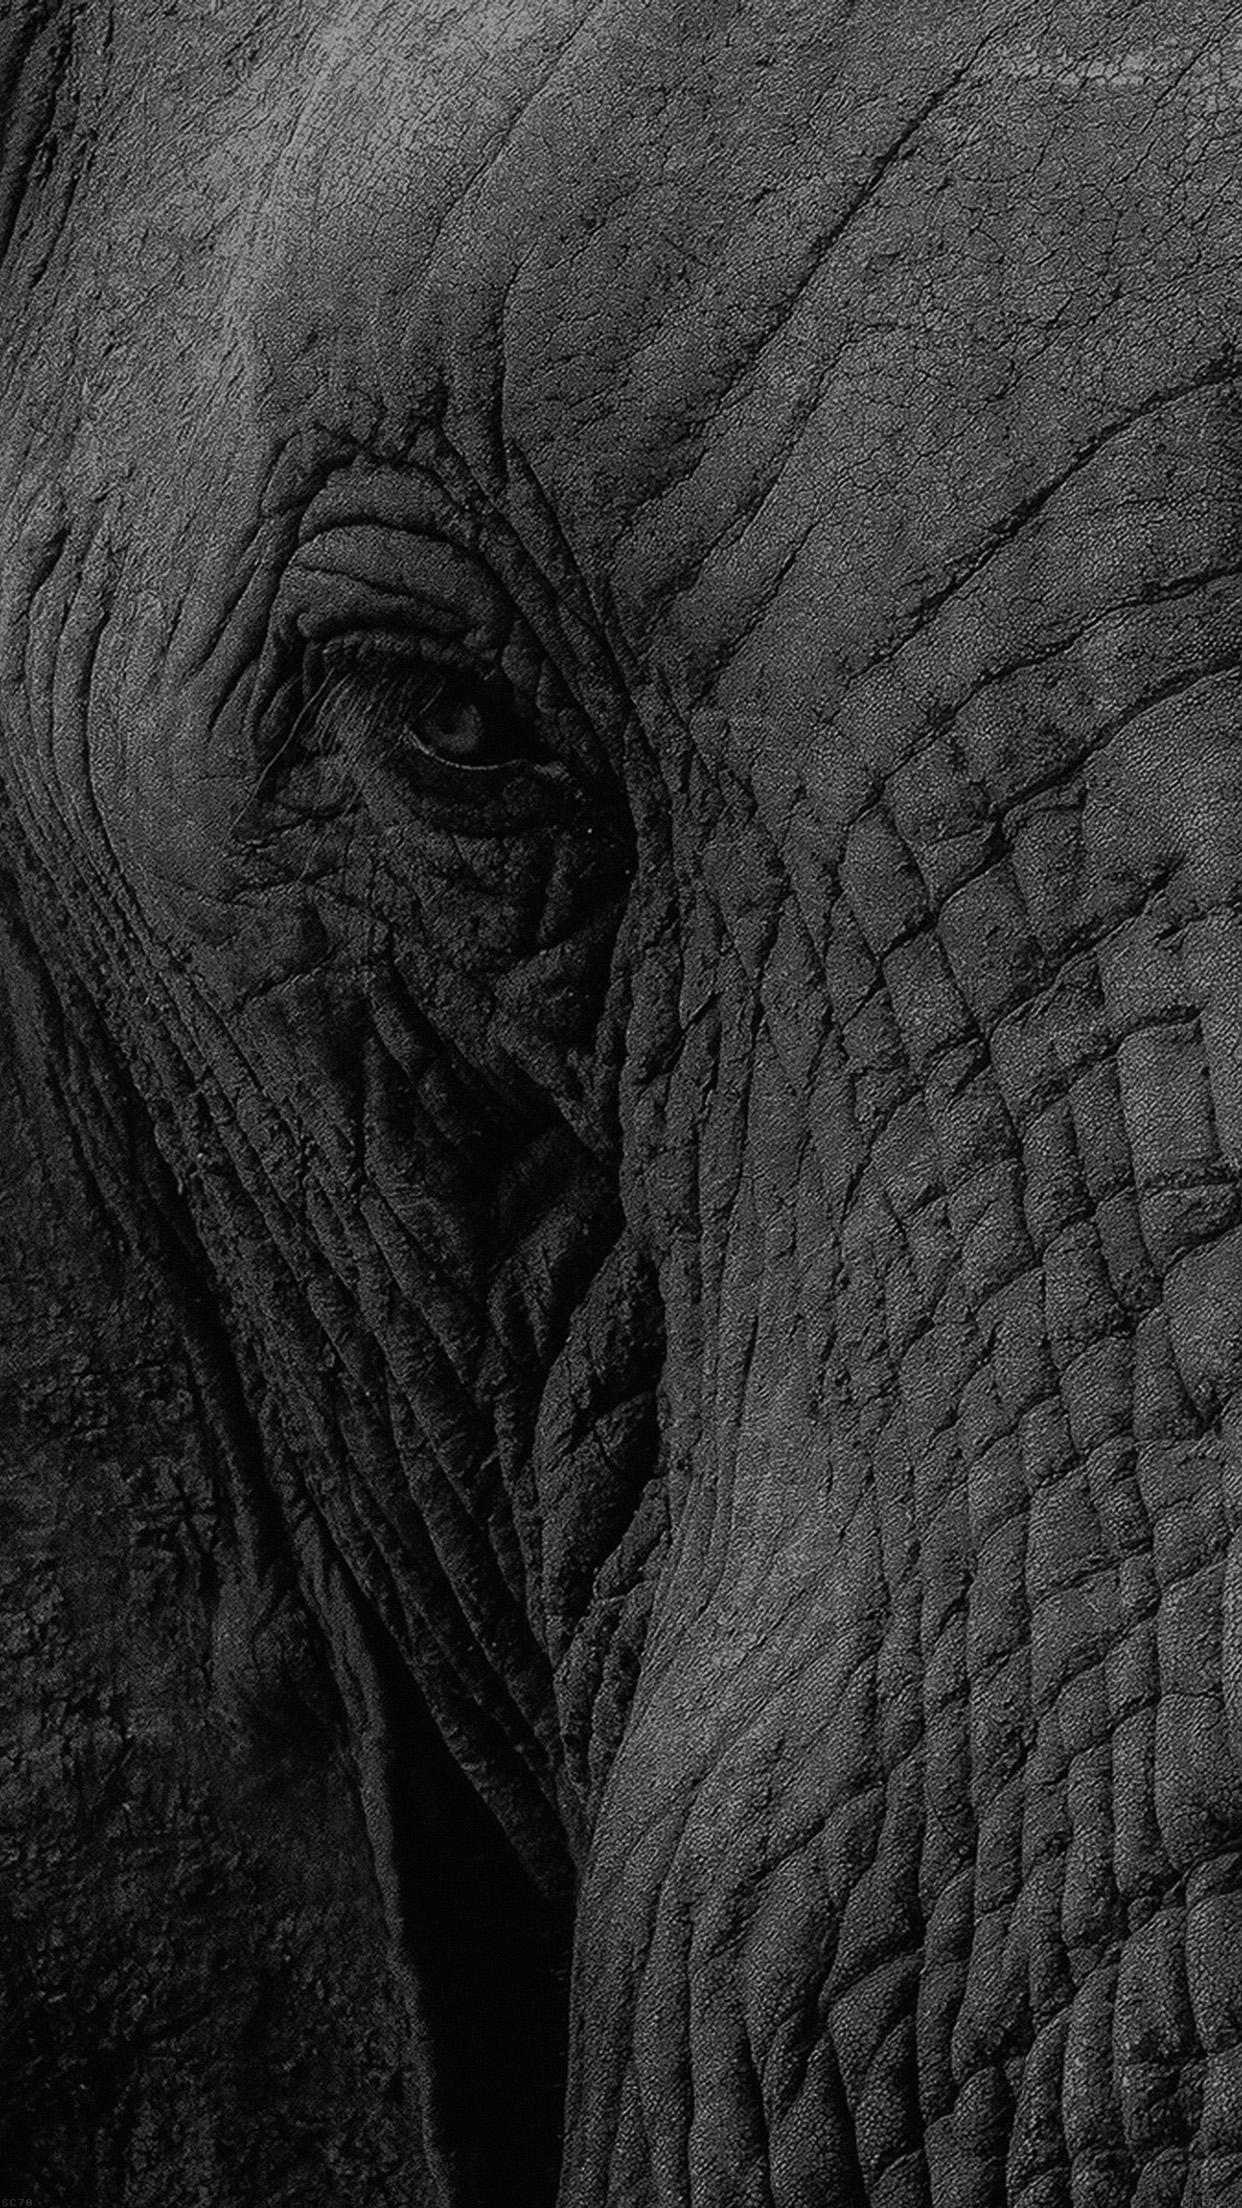 Mh89 elephant eye animal nature - Elephant background iphone ...